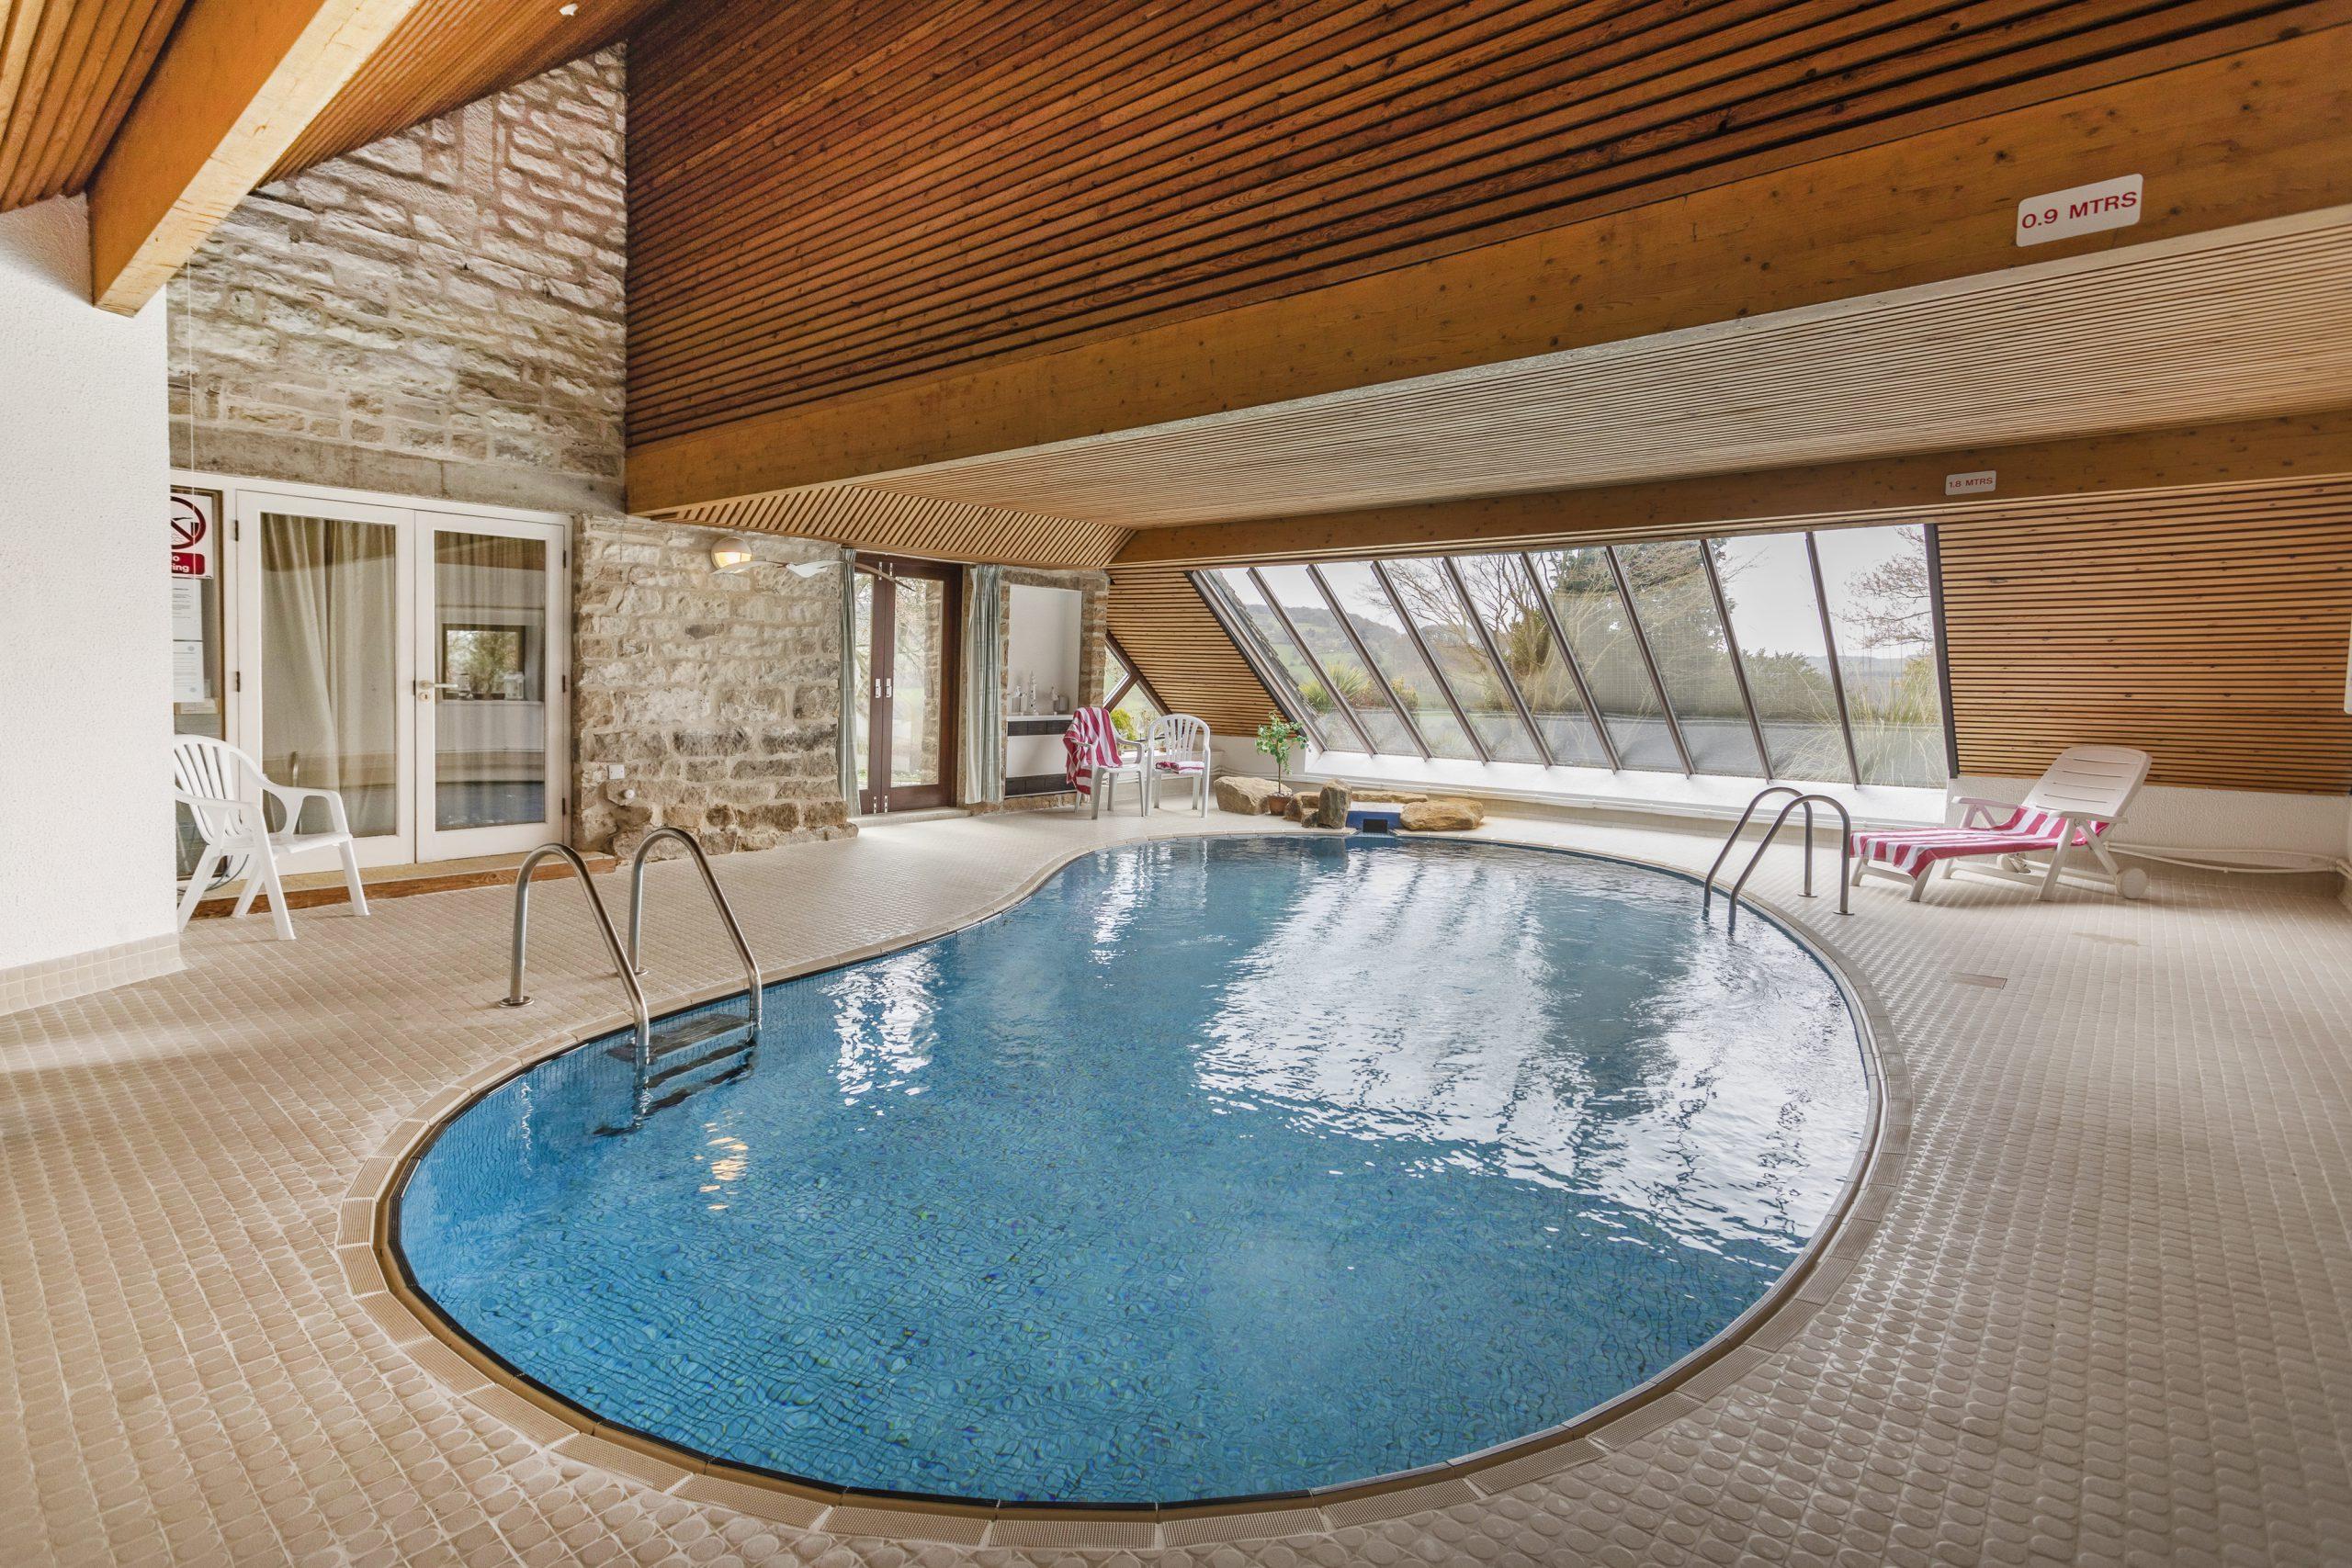 Lựa chọn thiết kế bể bơi phải đặc biệt chú ý đến hình dáng